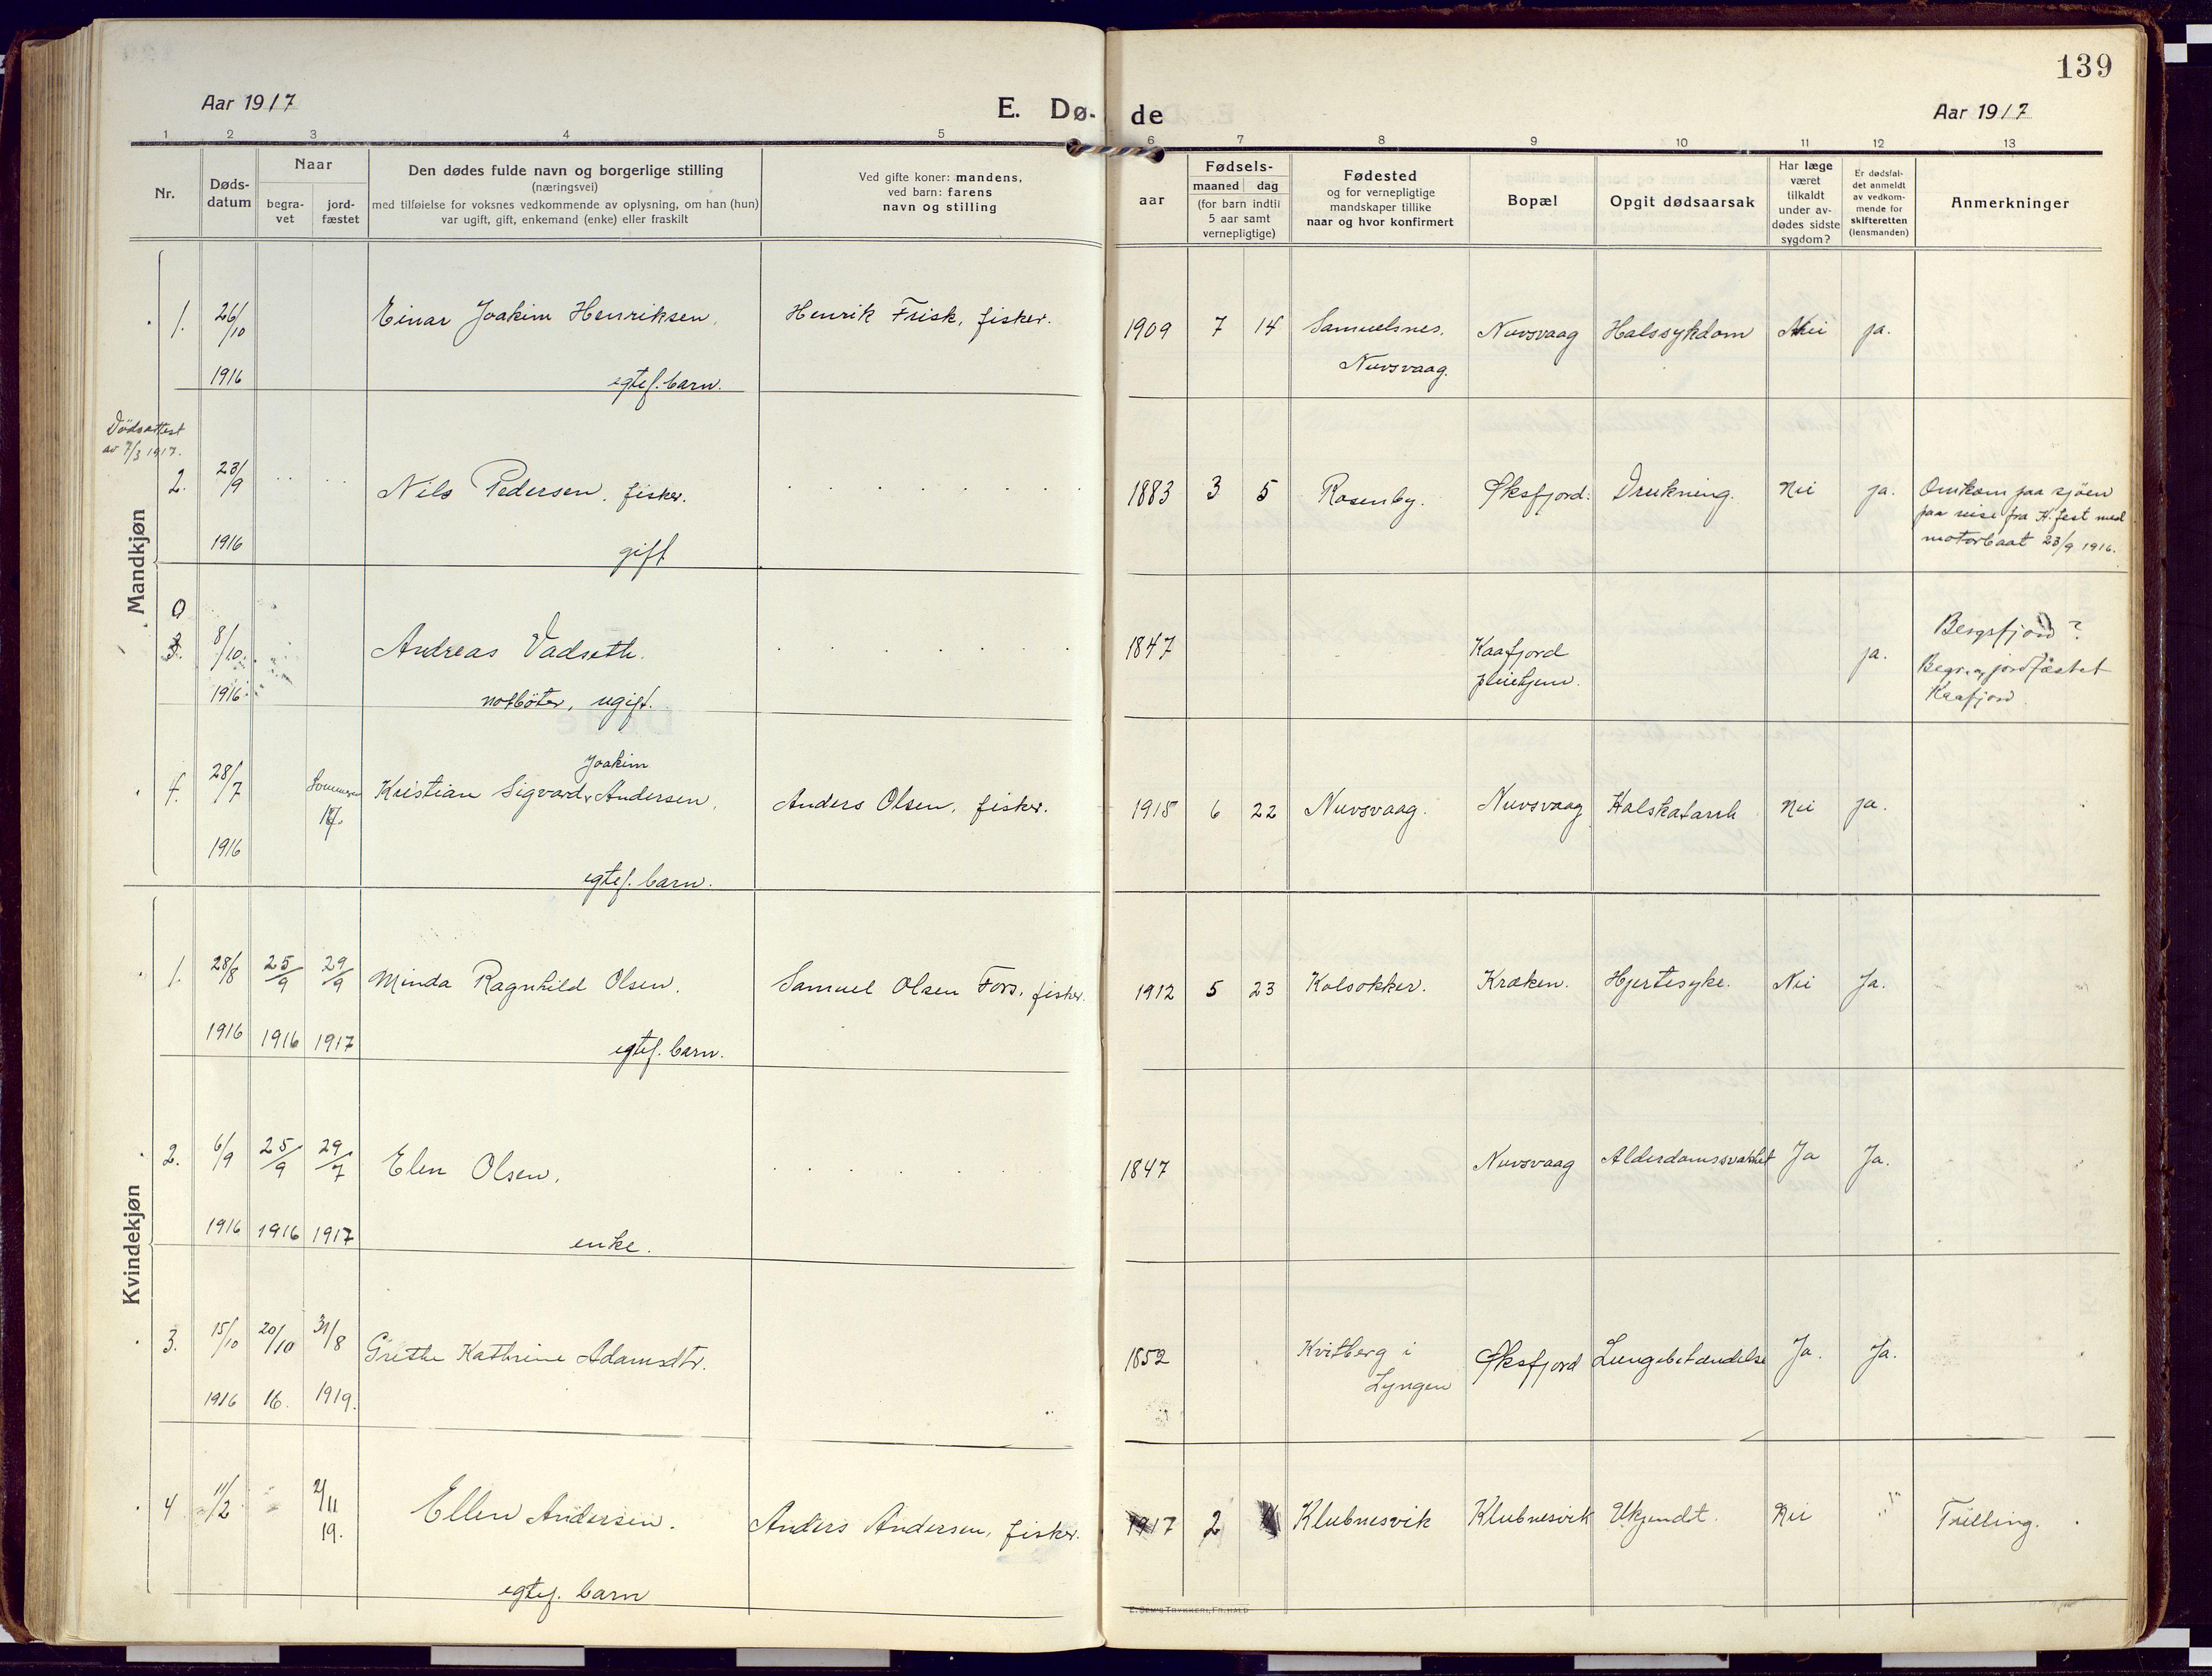 SATØ, Loppa sokneprestkontor, H/Ha/L0012kirke: Ministerialbok nr. 12, 1917-1932, s. 139